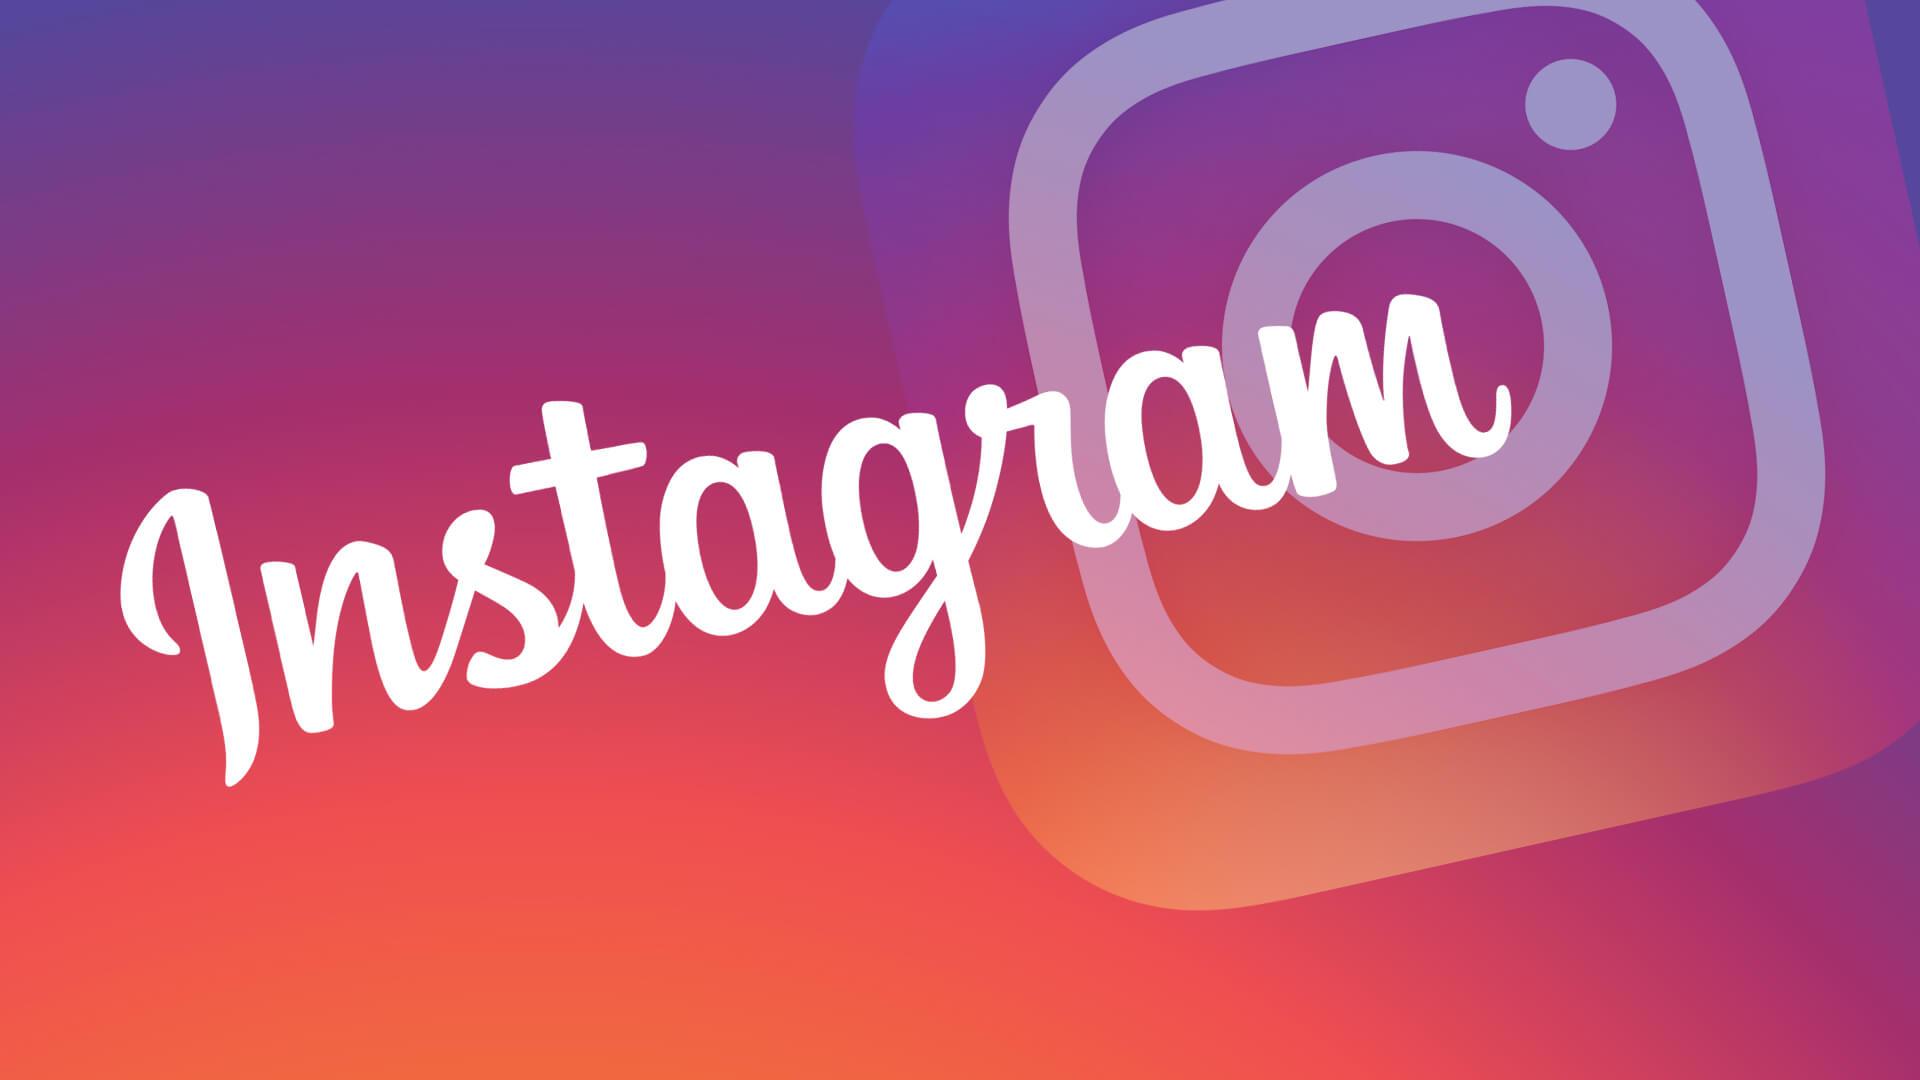 تست قابلیت جدید لیمیتس Limits در اینستاگرام Instagram